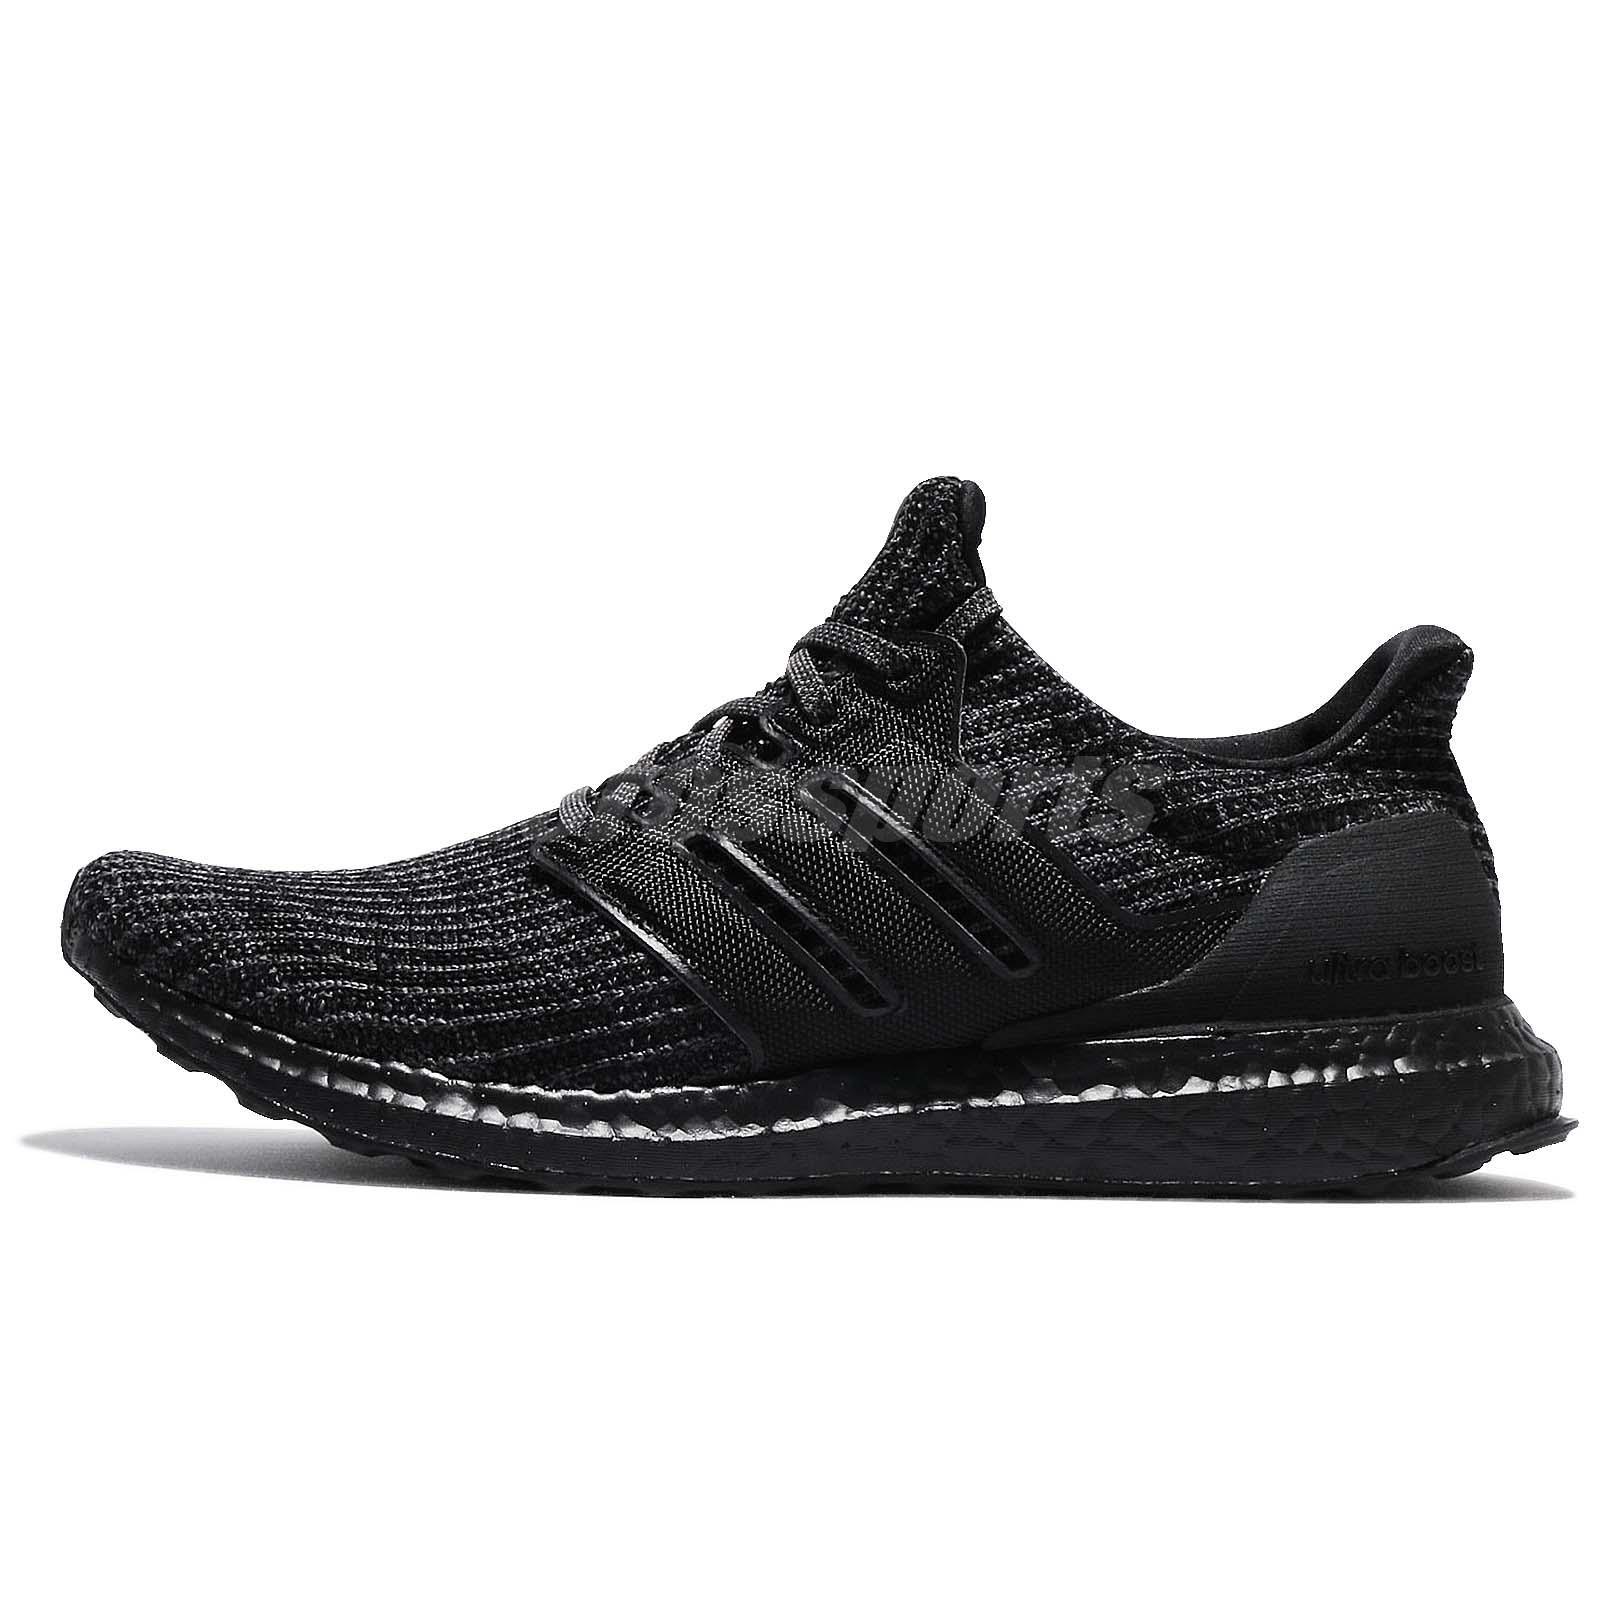 Ec364 Adidas 06762 Zapatillas Spain Male eE9YH2WIDb